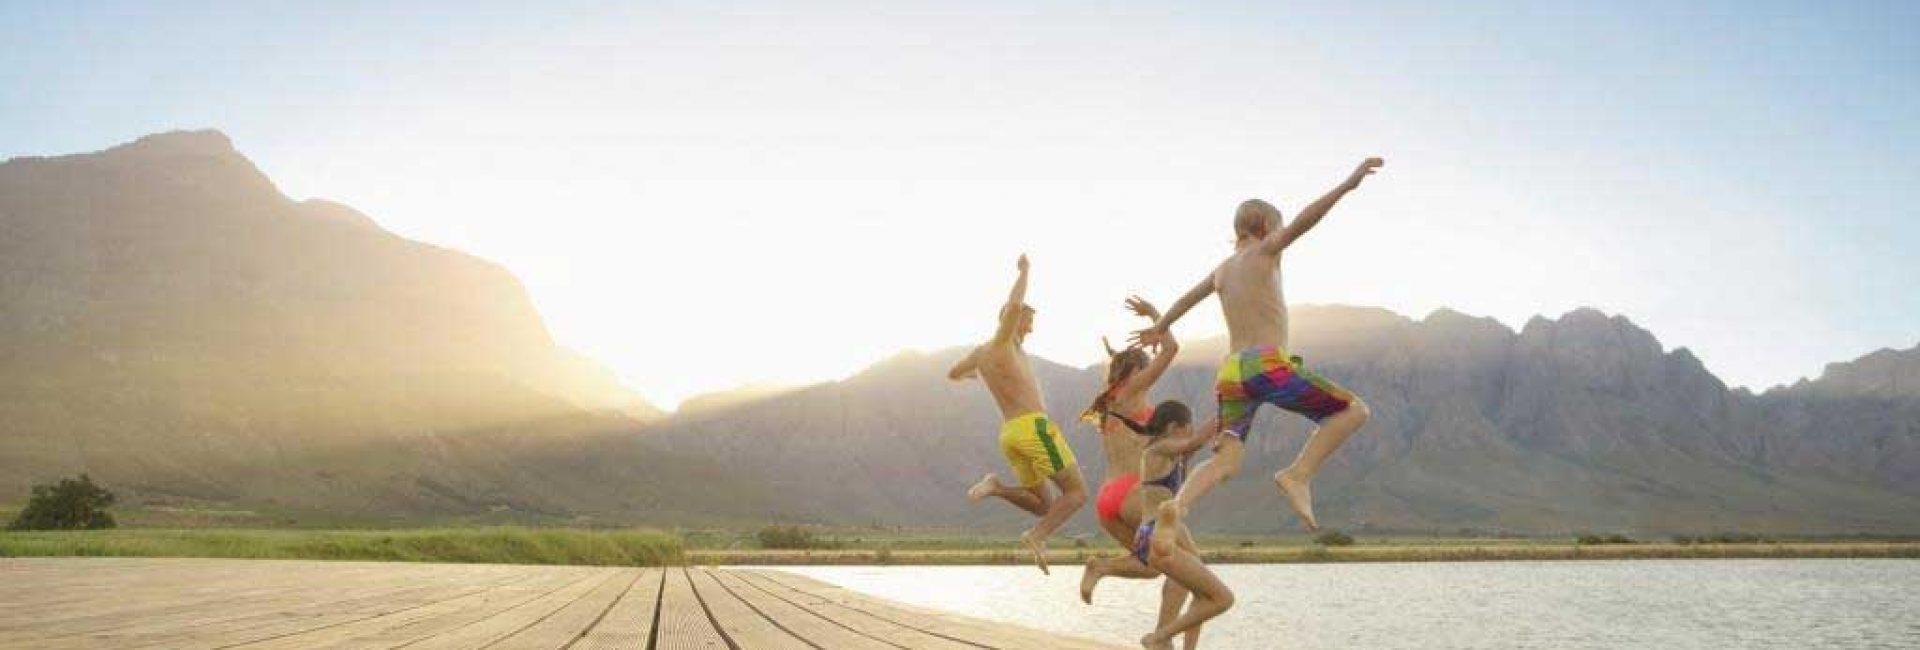 PROMOS location vacances en départ du 18 Juillet 2020